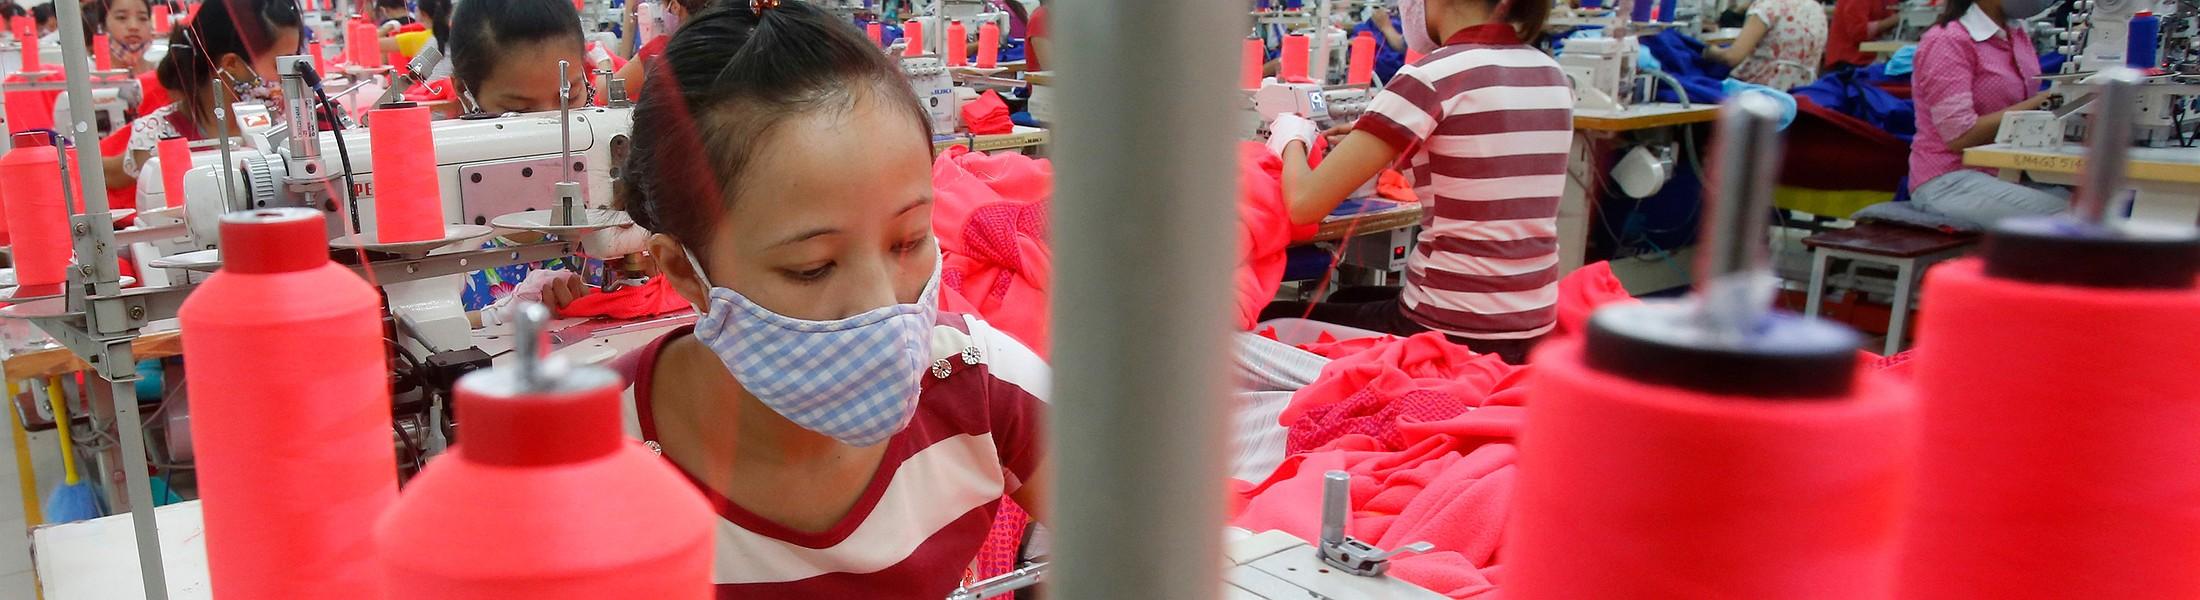 Как Вьетнам становится новым экономическим чудом